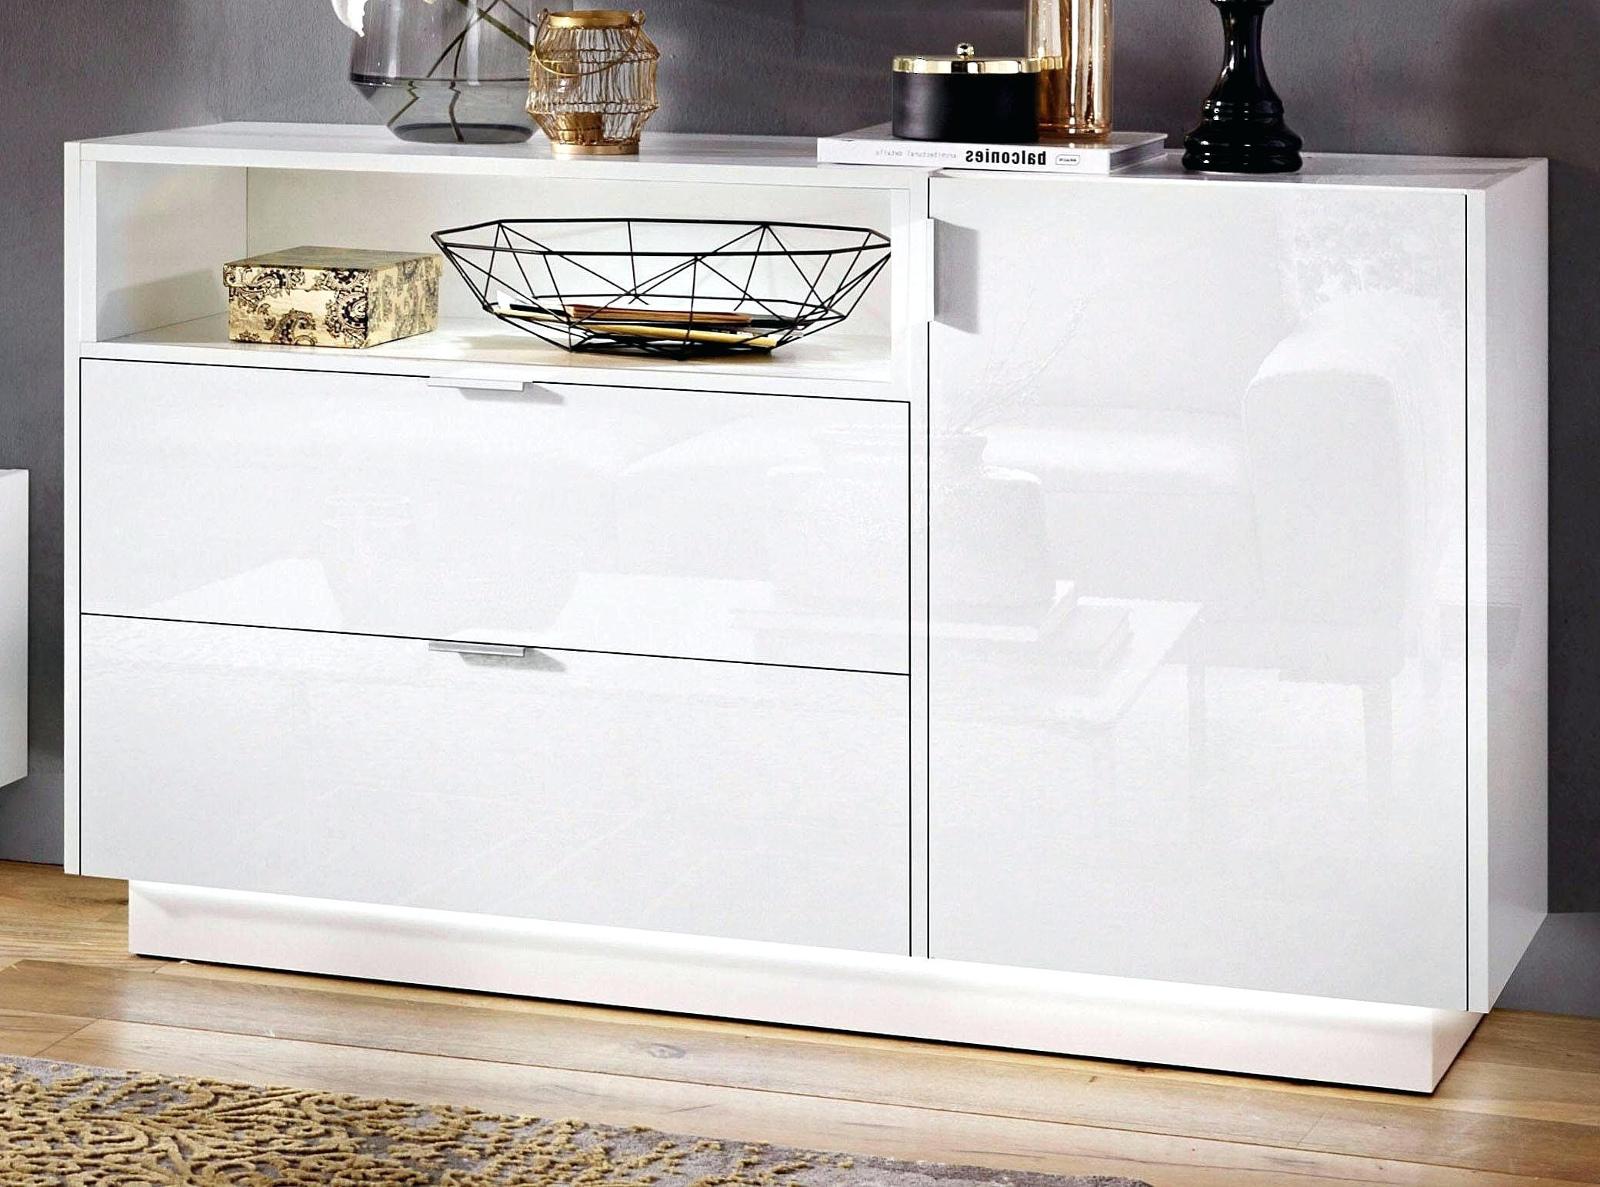 kommode in hochglanz wei sideboard und anrichte 120 cm tv fernseh m bel atlanta ebay. Black Bedroom Furniture Sets. Home Design Ideas